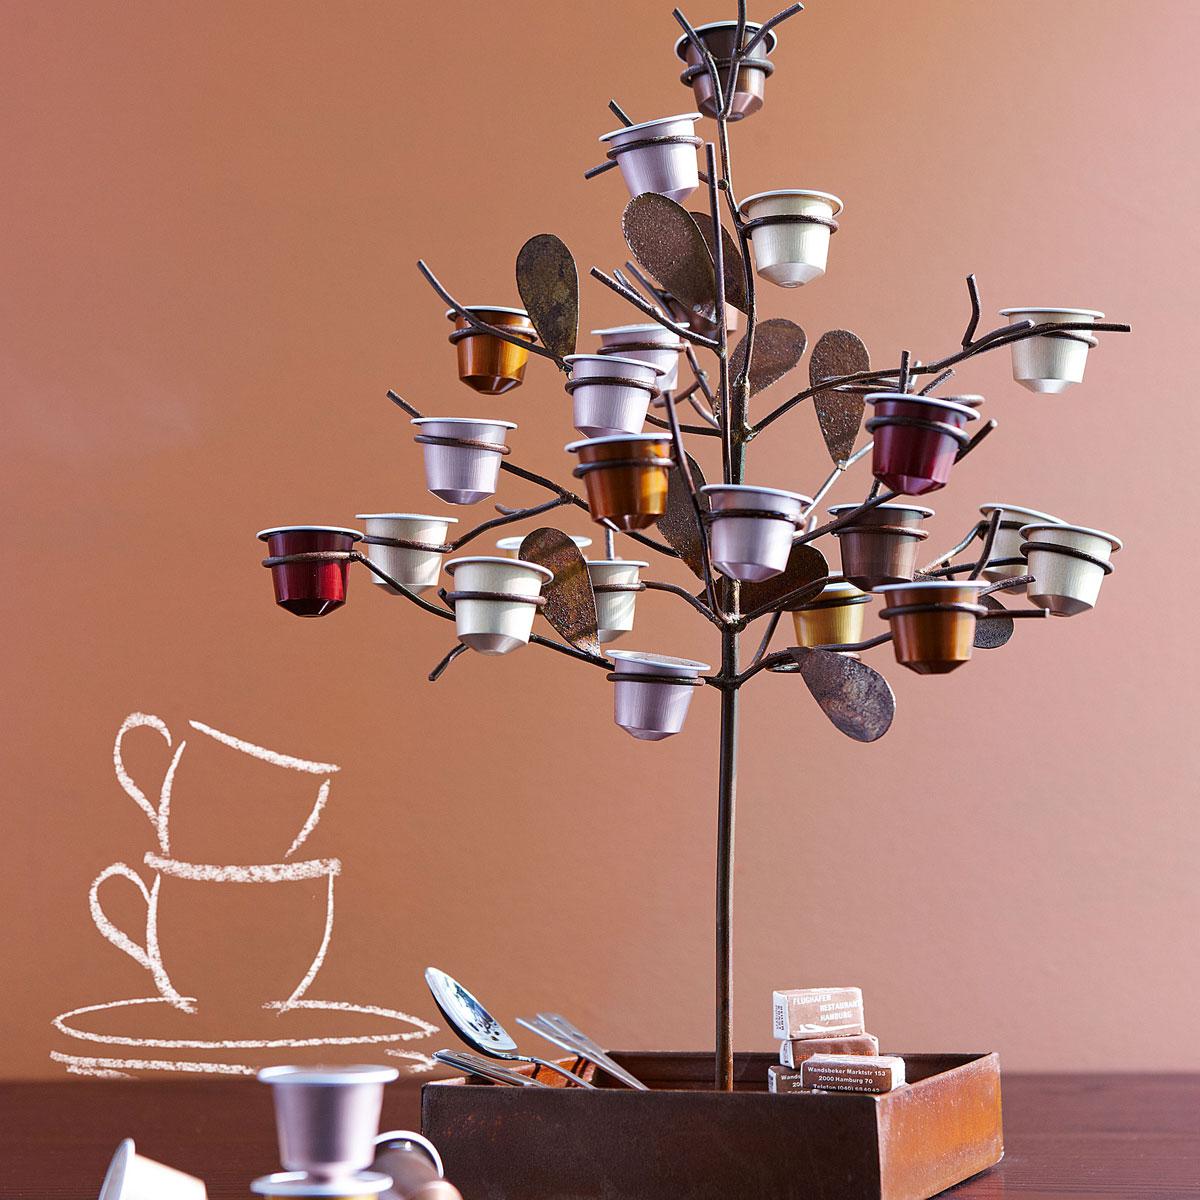 wie bewahrt ihr eure nespresso kapseln auf forum glamour. Black Bedroom Furniture Sets. Home Design Ideas